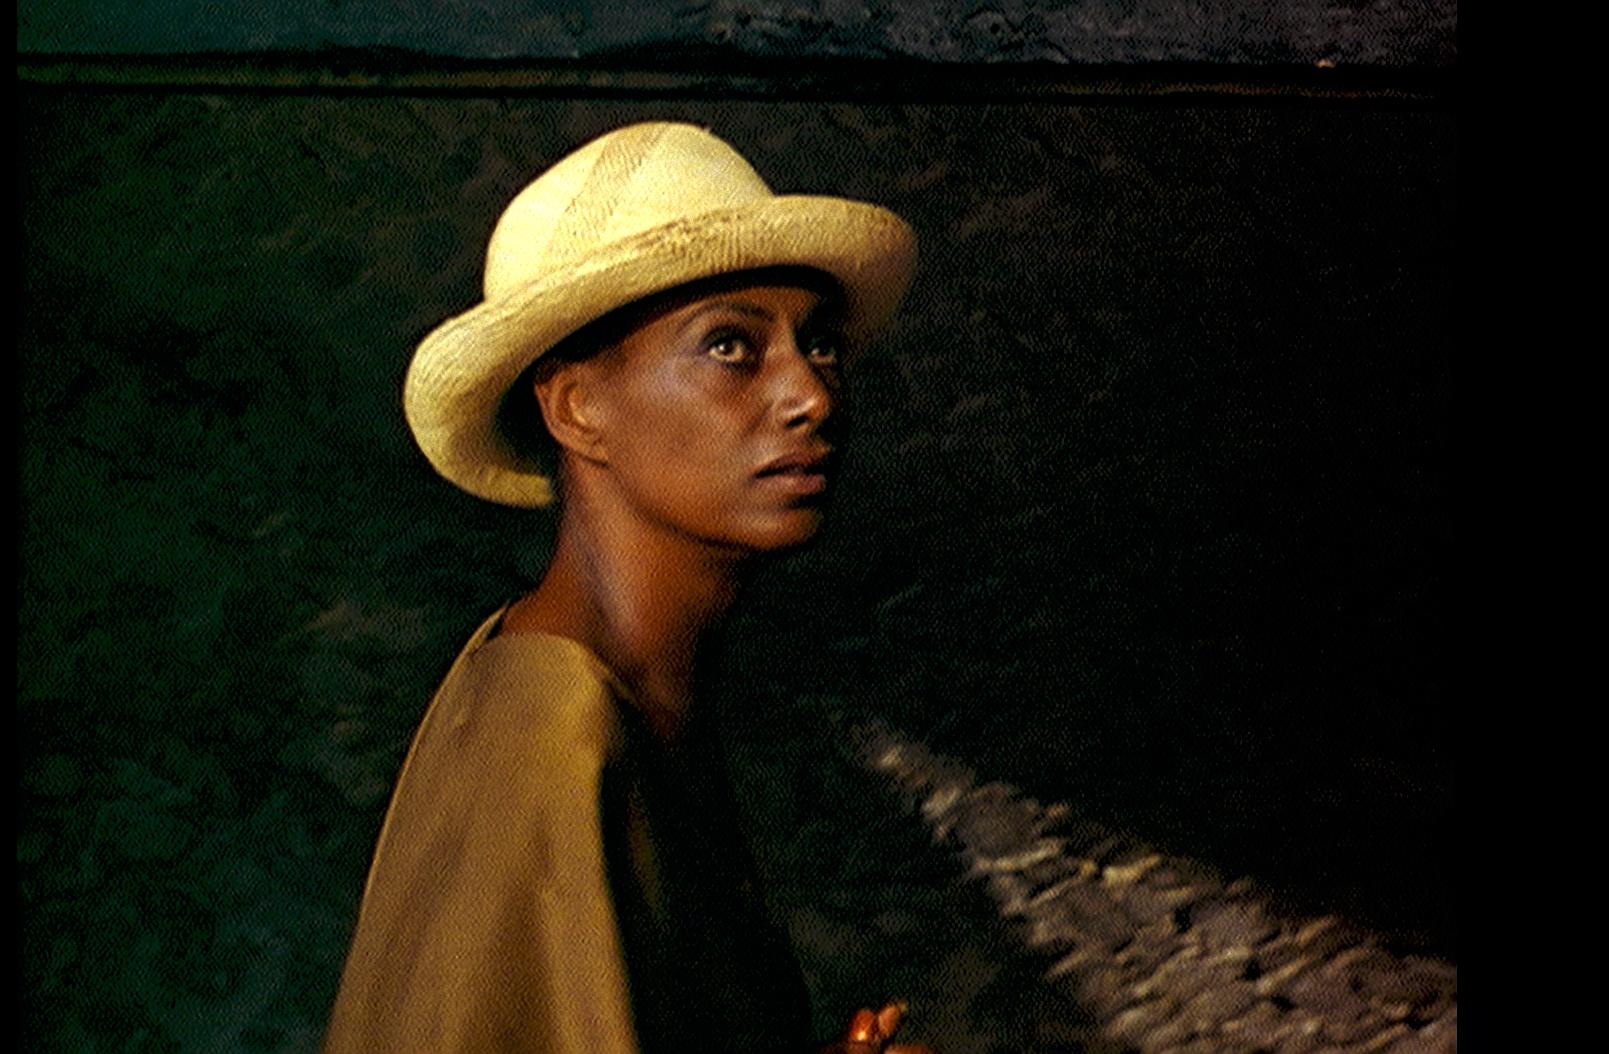 African American Film, Black Film, African American Cinema, Black Cinema, If Beale Street Could Talk, Sankofa, African American Film Festival, Smithsonian African American Film Festival, KINDR'D Magazine, KINDR'D, KOLUMN Magazine, KOLUMN